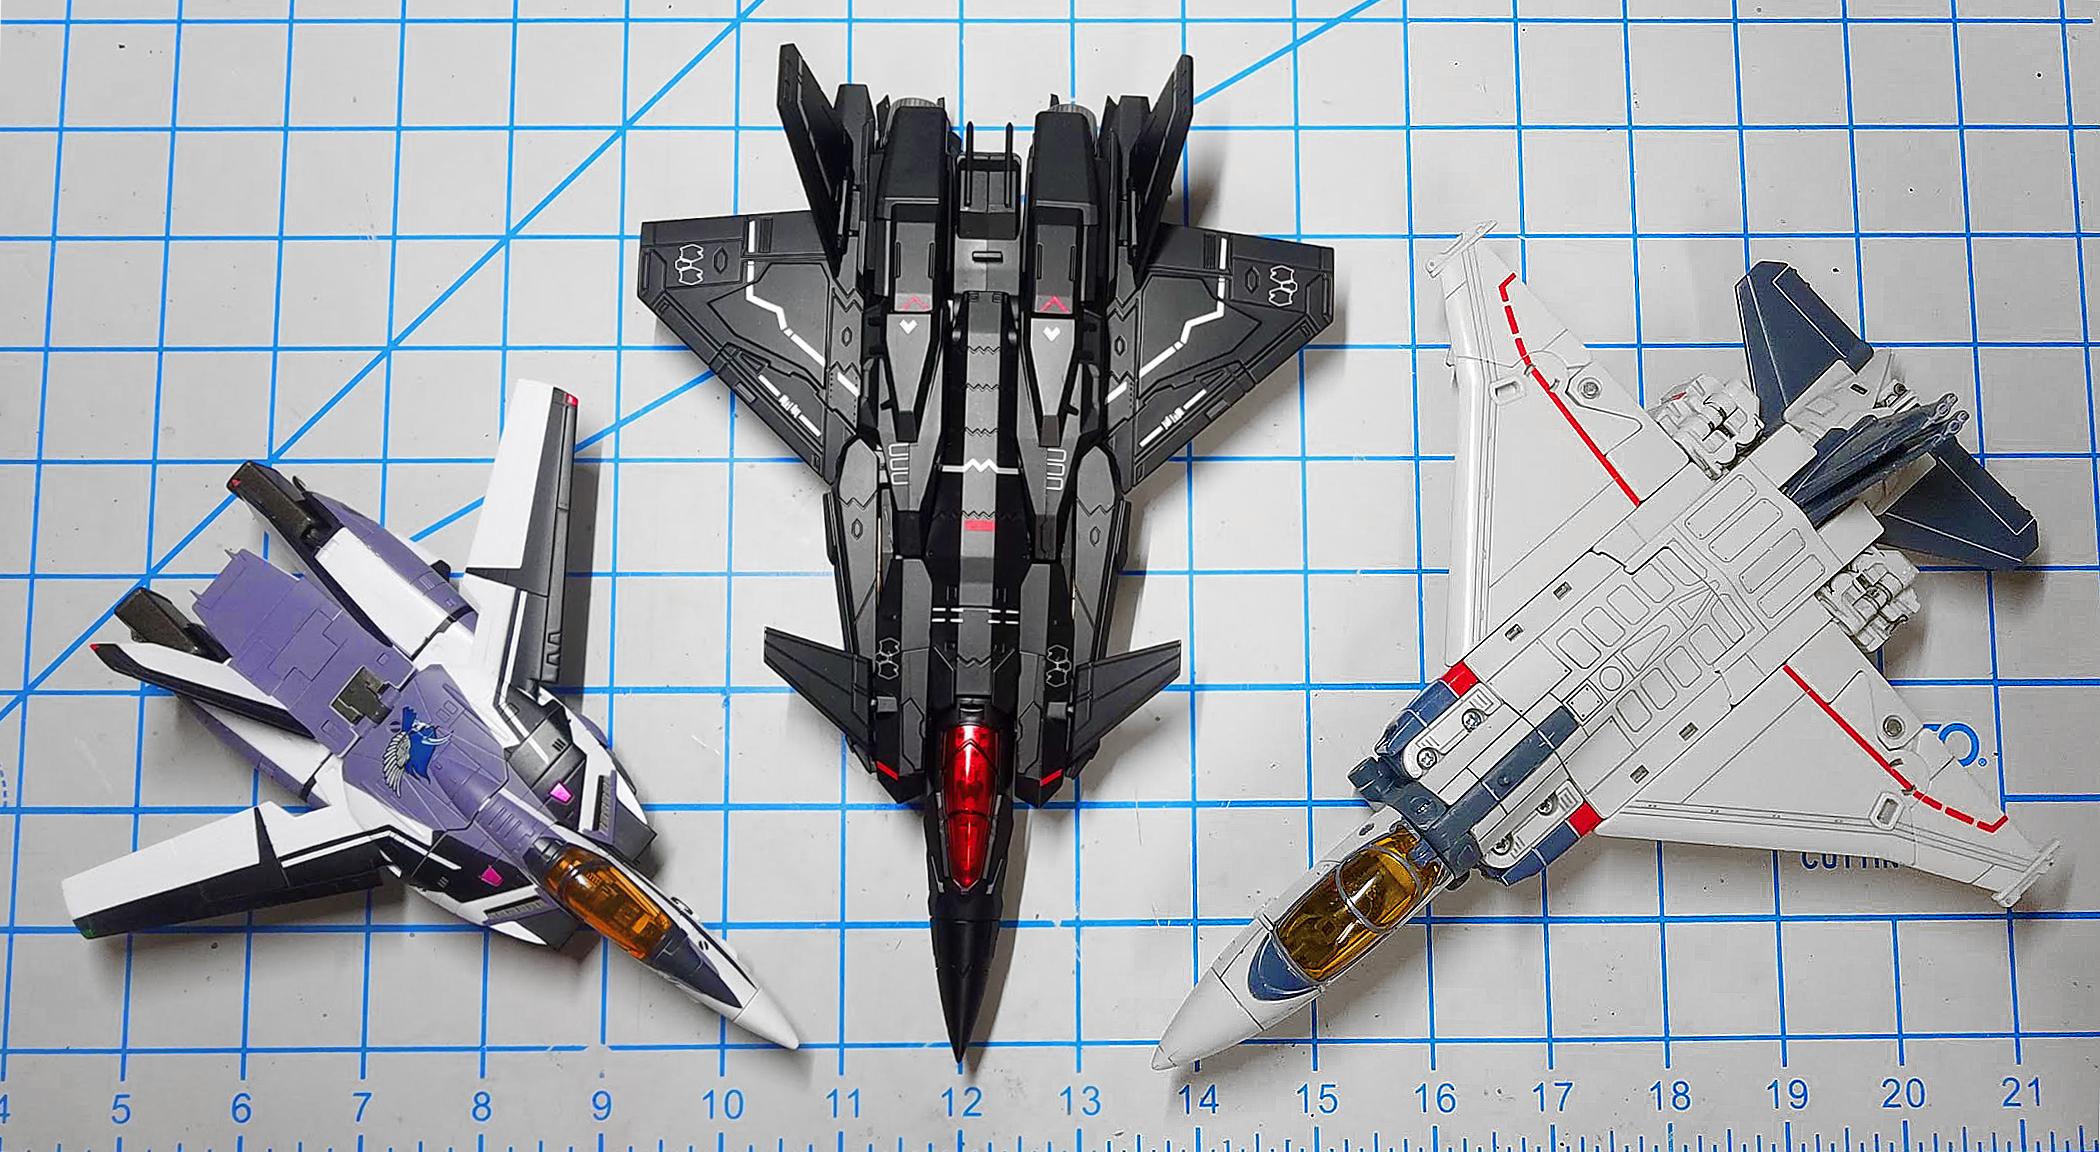 kalavinka_fighter.jpeg